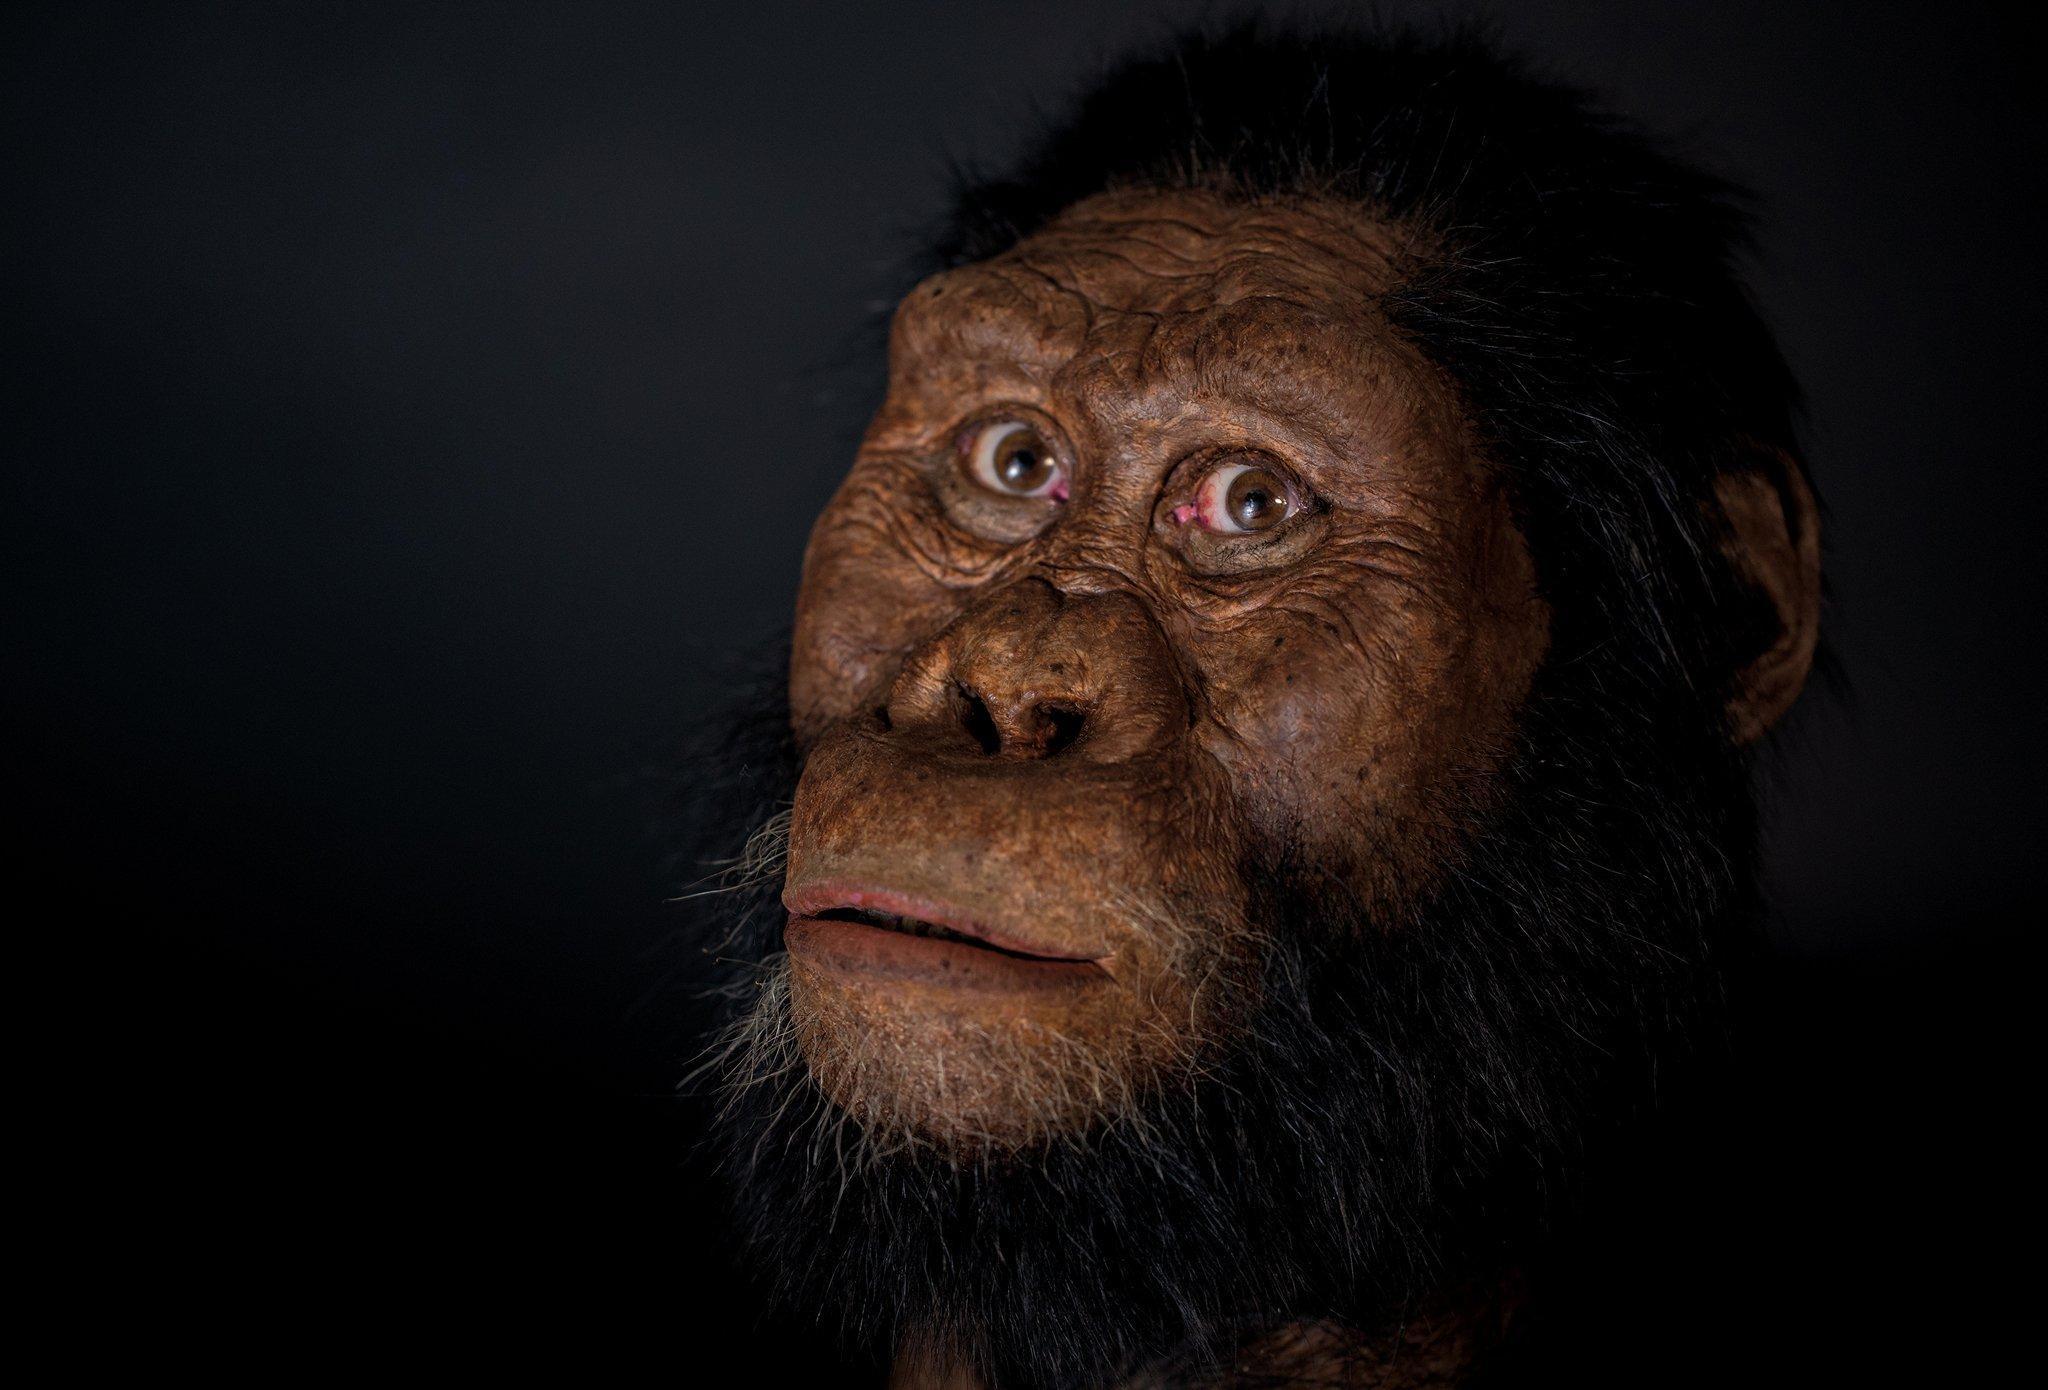 Die Rekonstruktion von Australopithecus anamensis zeigt ein behaartes, äffisches Wesen mit einem bewussten, menschlich wirkenden Blick.  Erstmals ließ sich das Gesicht dieses Vormenschen modellieren – anhand eines kürzlich entdeckten Schädelfossils.